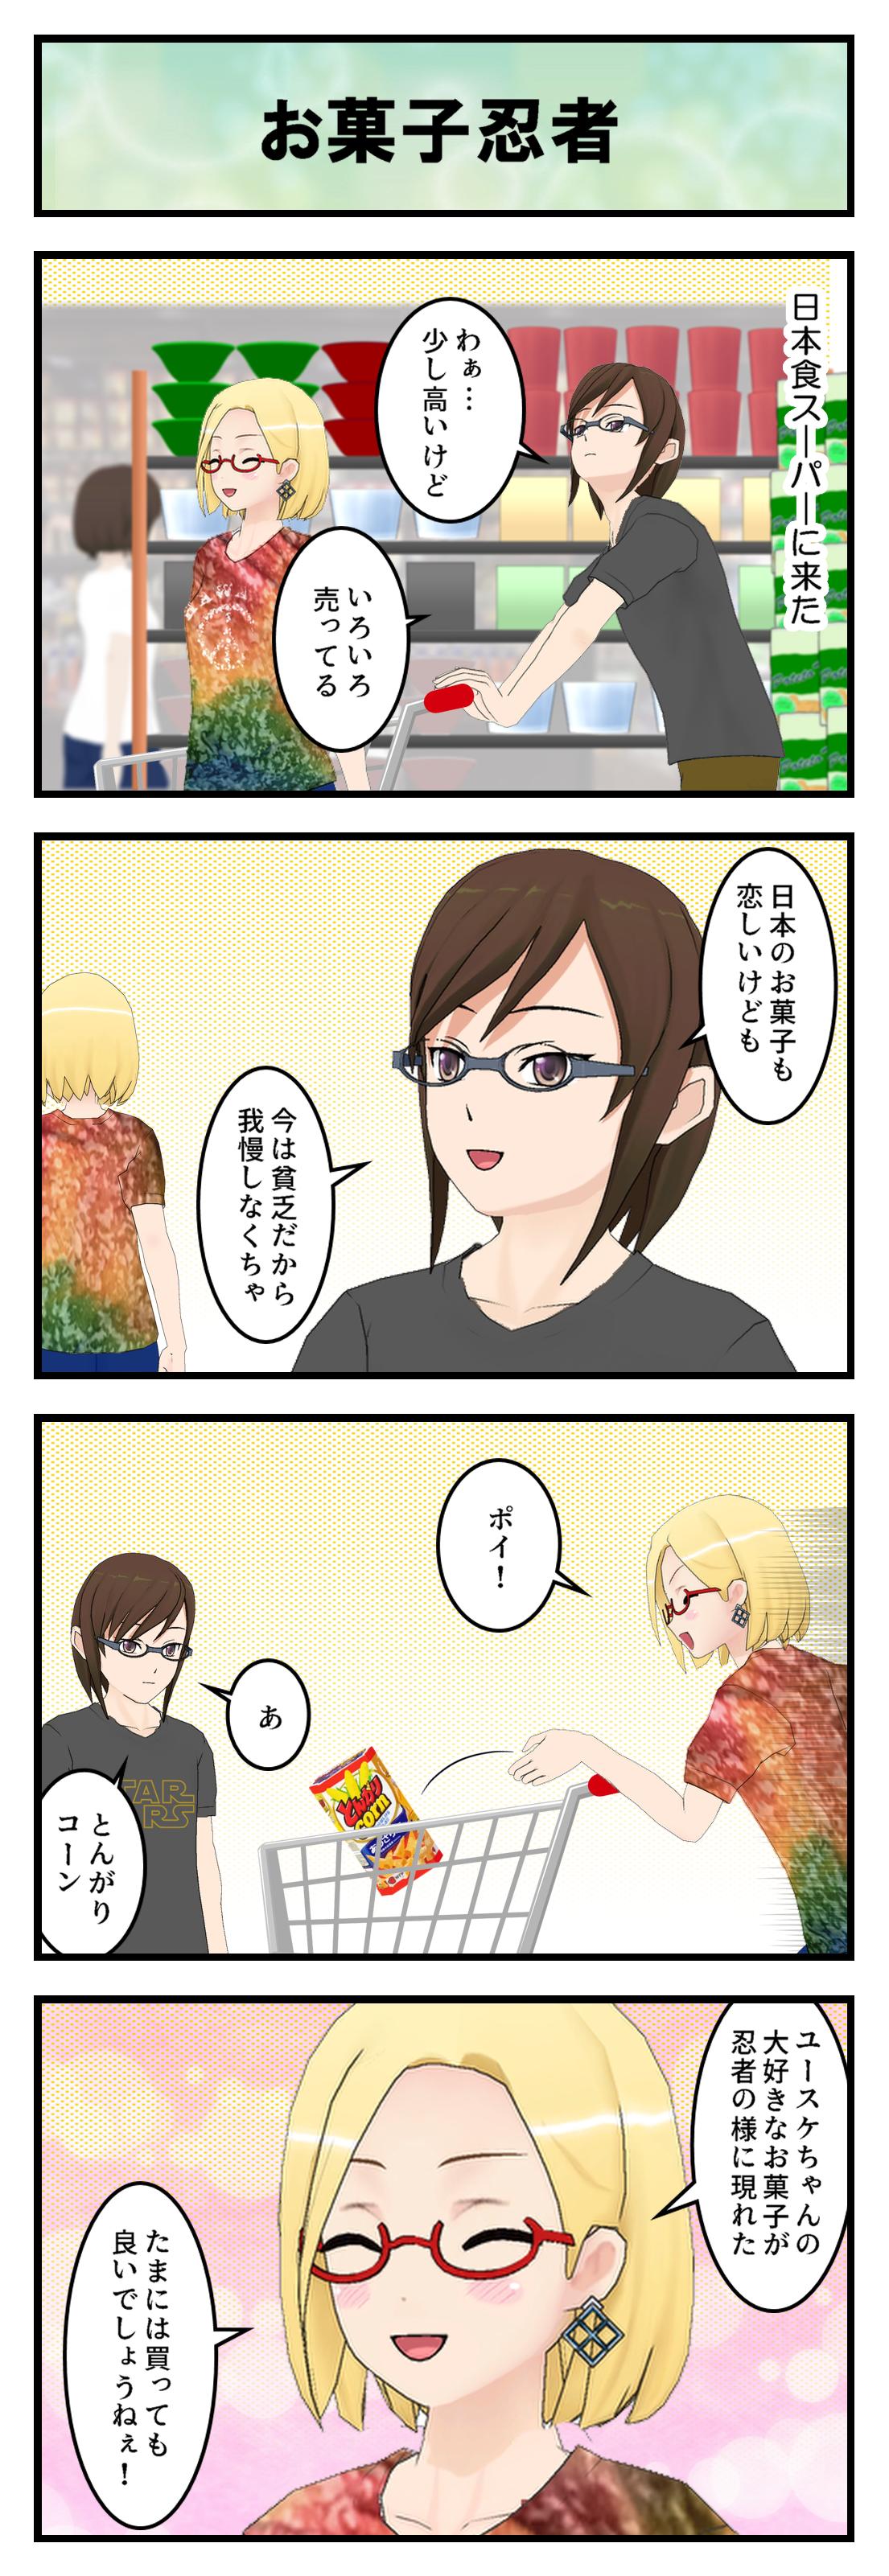 R046_マルカイ_とんがりコーン_001